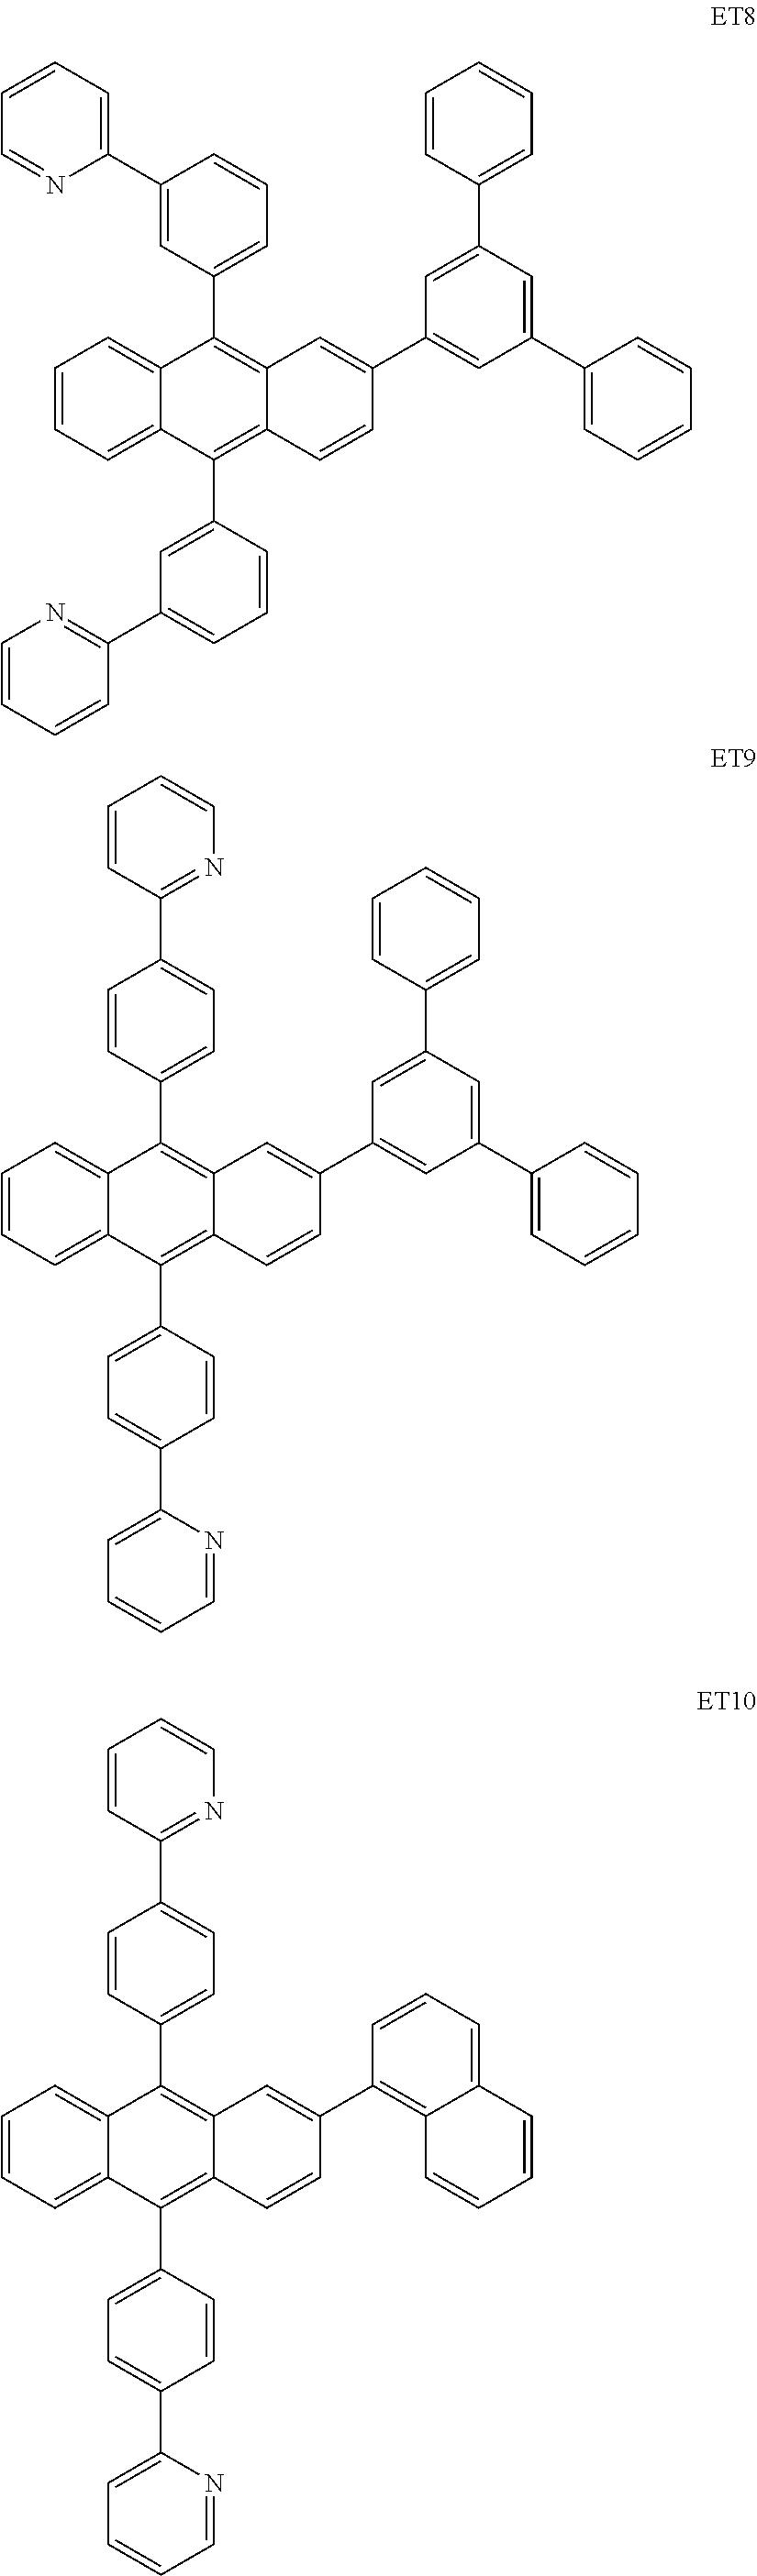 Figure US09722191-20170801-C00047